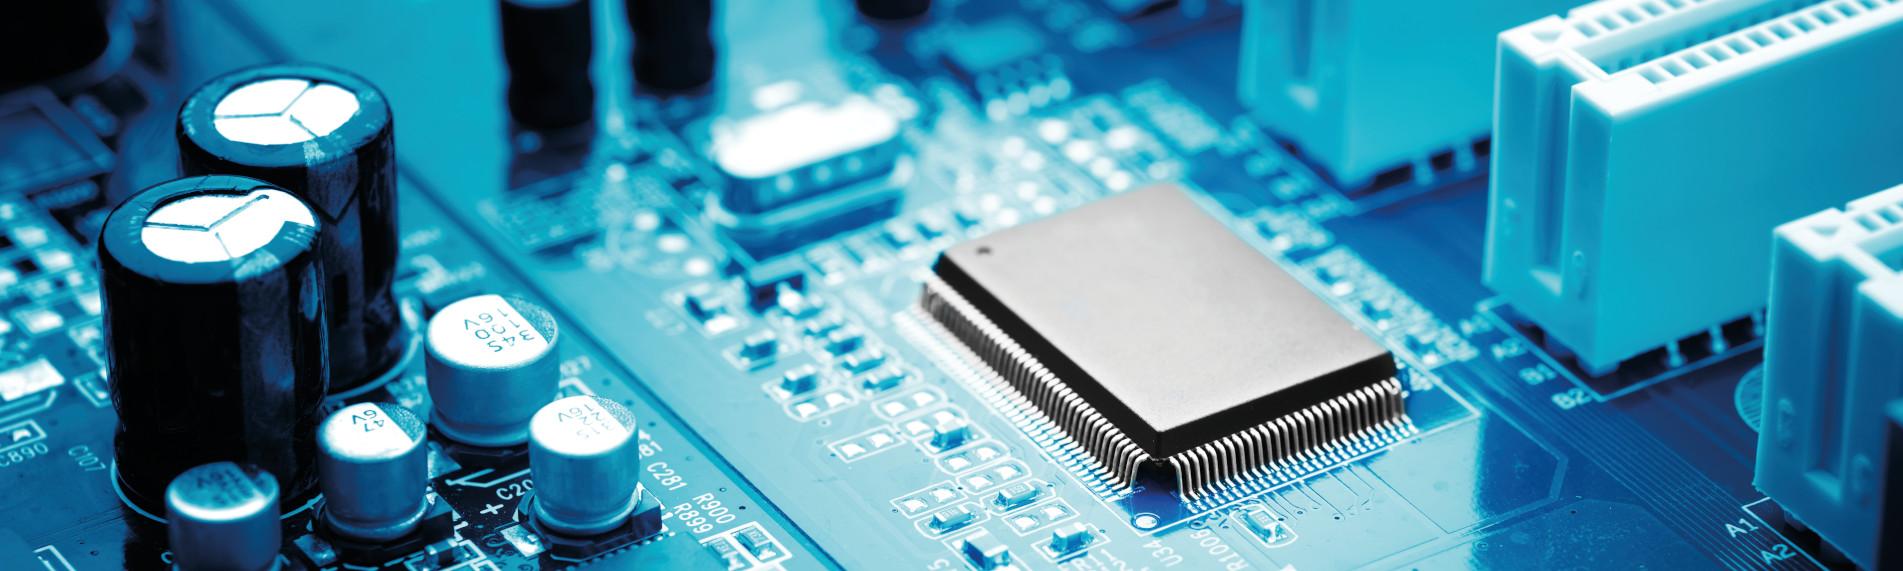 Svensk elektronikproducent minskar energiförbrukning med Condairs hjälp